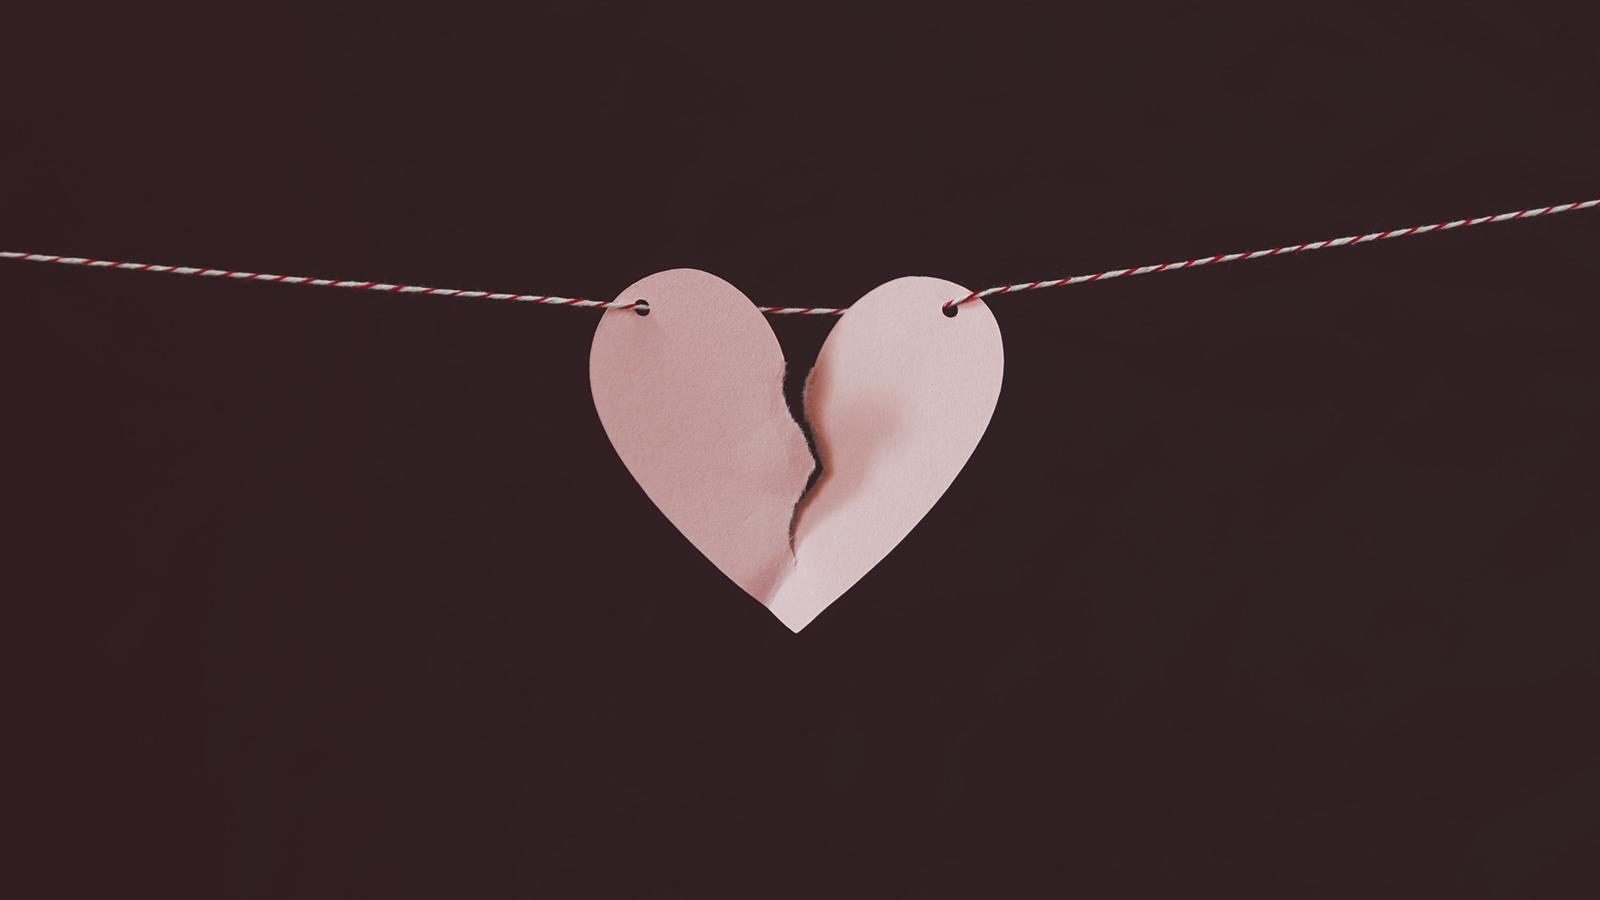 coração partido de papel em fundo preto